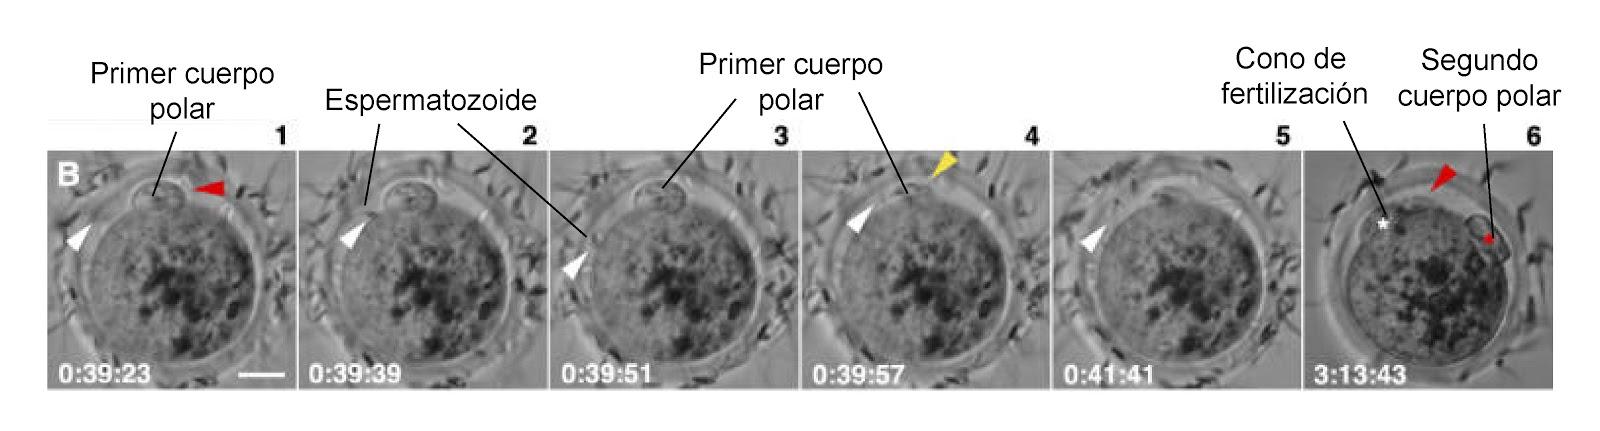 Fertilización in vitro con la aparición del segundo cuerpo polar y el cono de fertilización